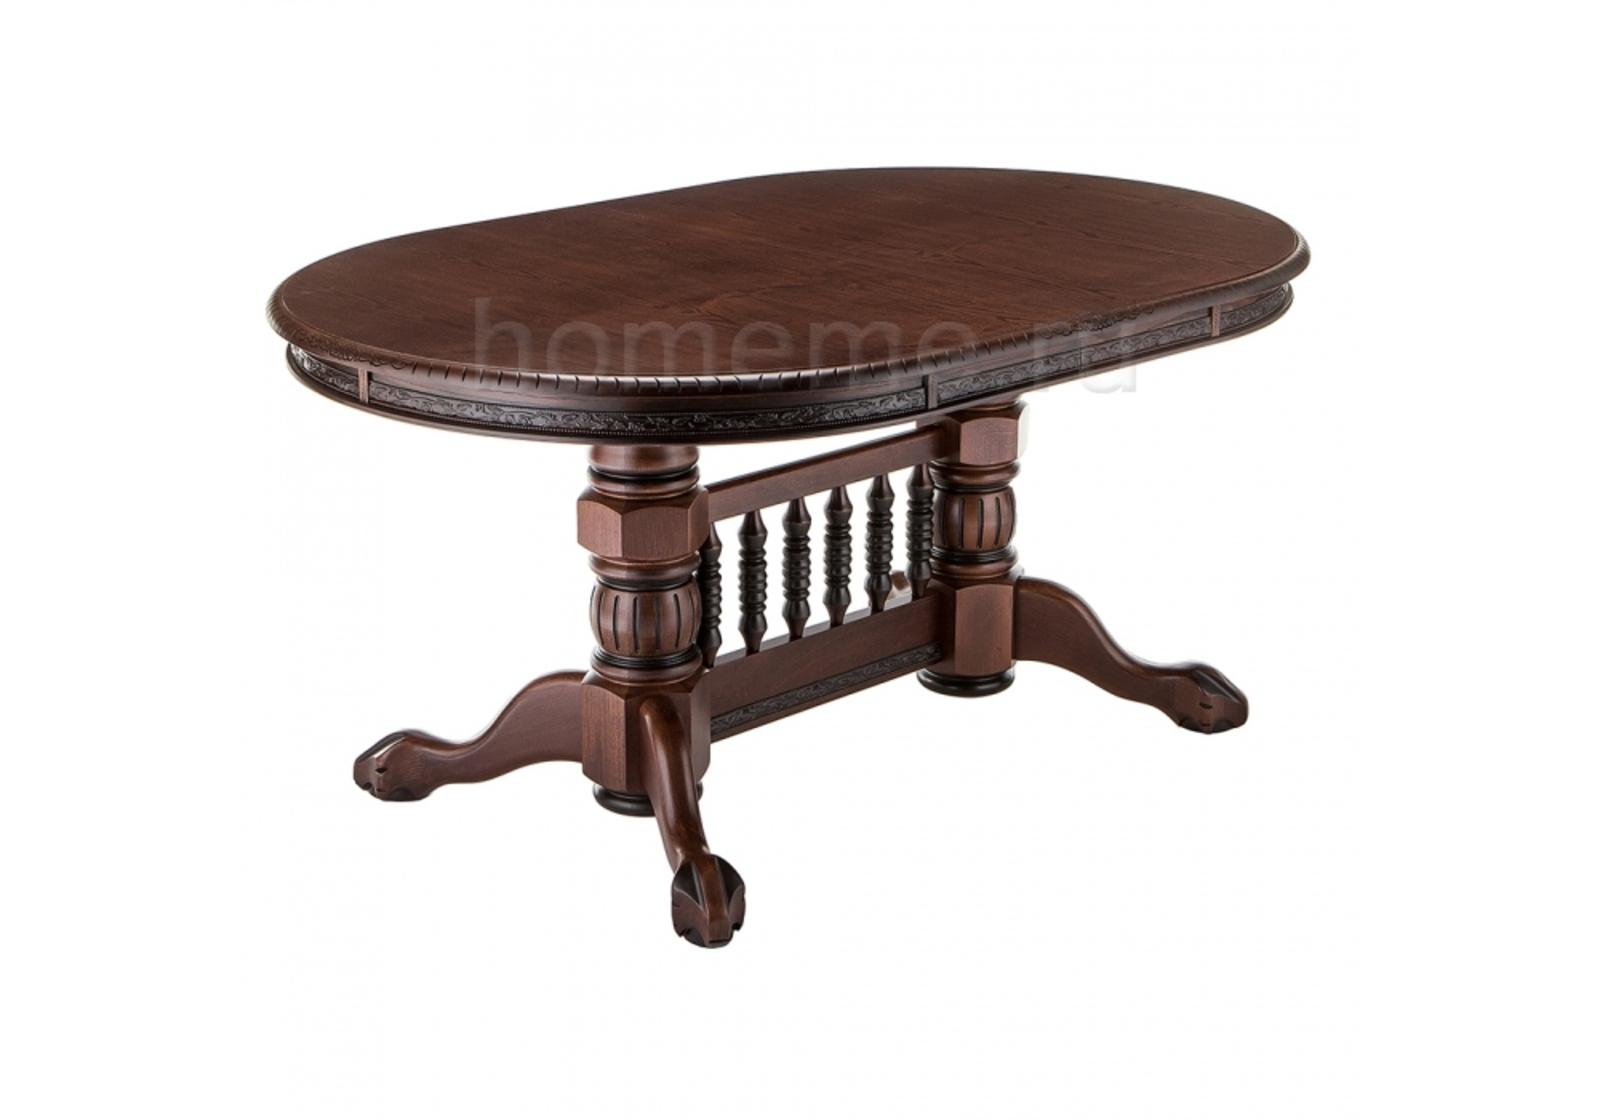 Стол деревянный Кантри орех с коричневой патиной 296161 Кантри орех с коричневой патиной 296161 (14225) фото